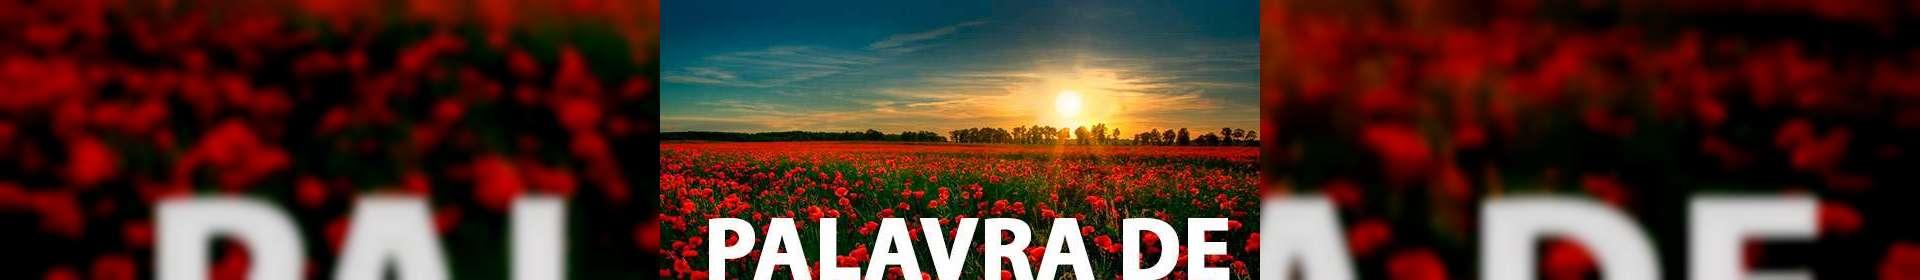 Êxodo 12:4 - Uma Palavra de Esperança para sua vida